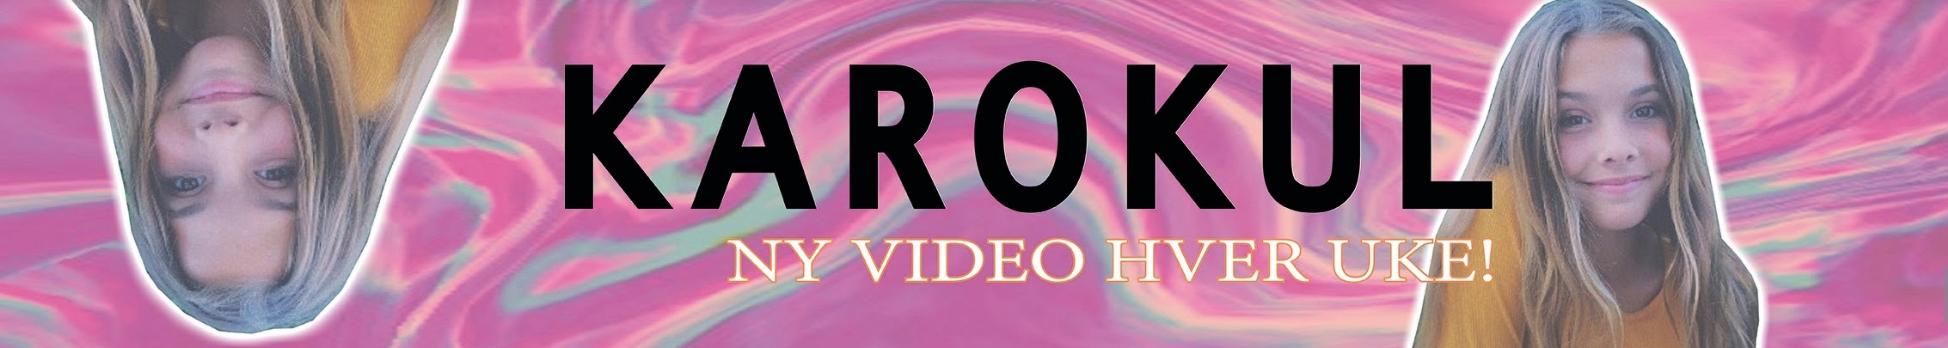 Karokul.com